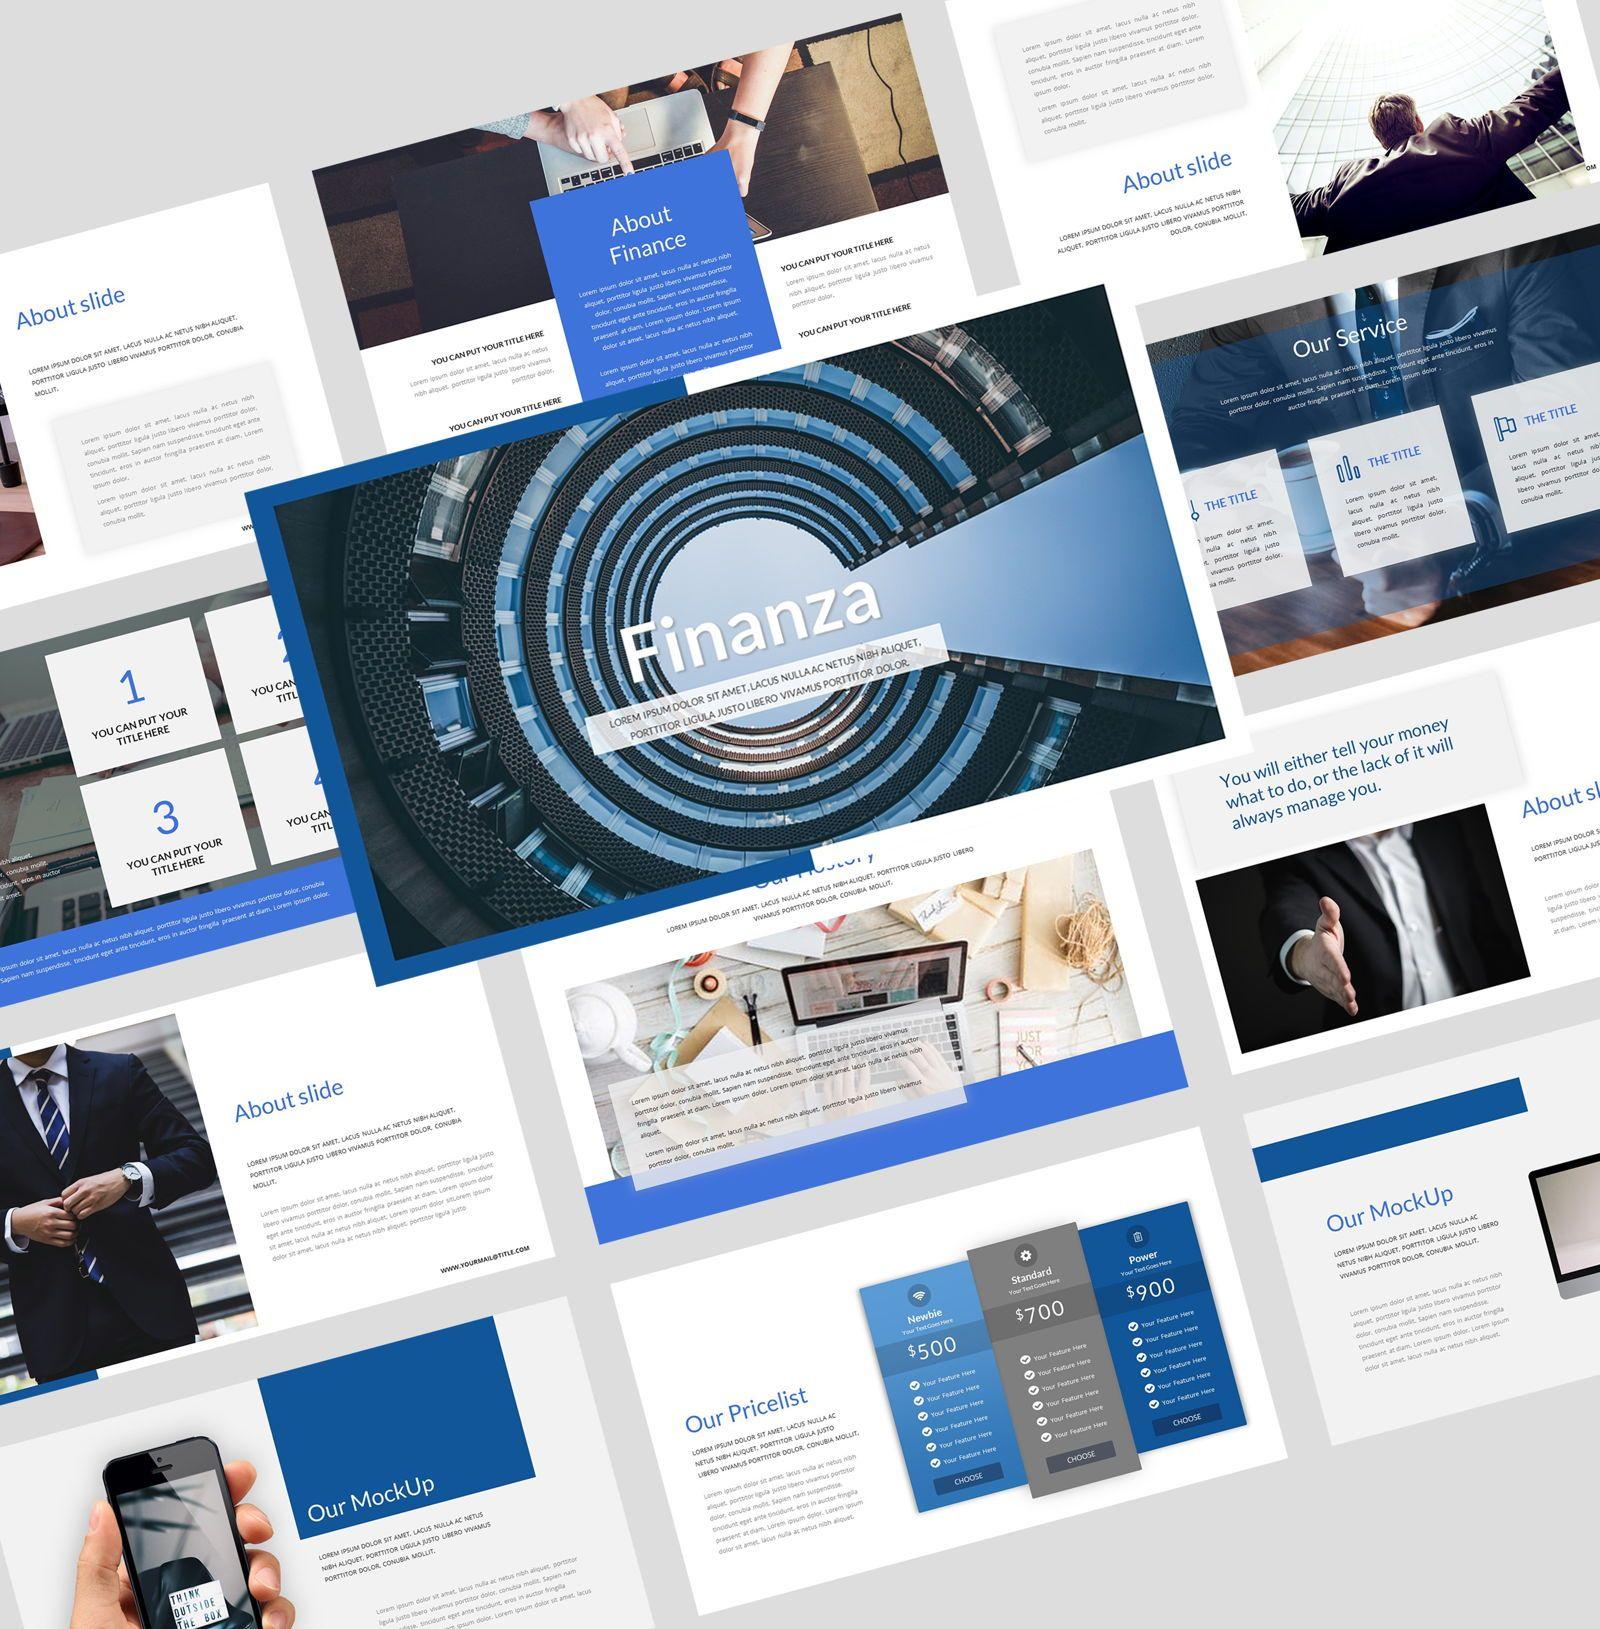 Finanza - Finance Google Slides Template, 08397, Business Models — PoweredTemplate.com